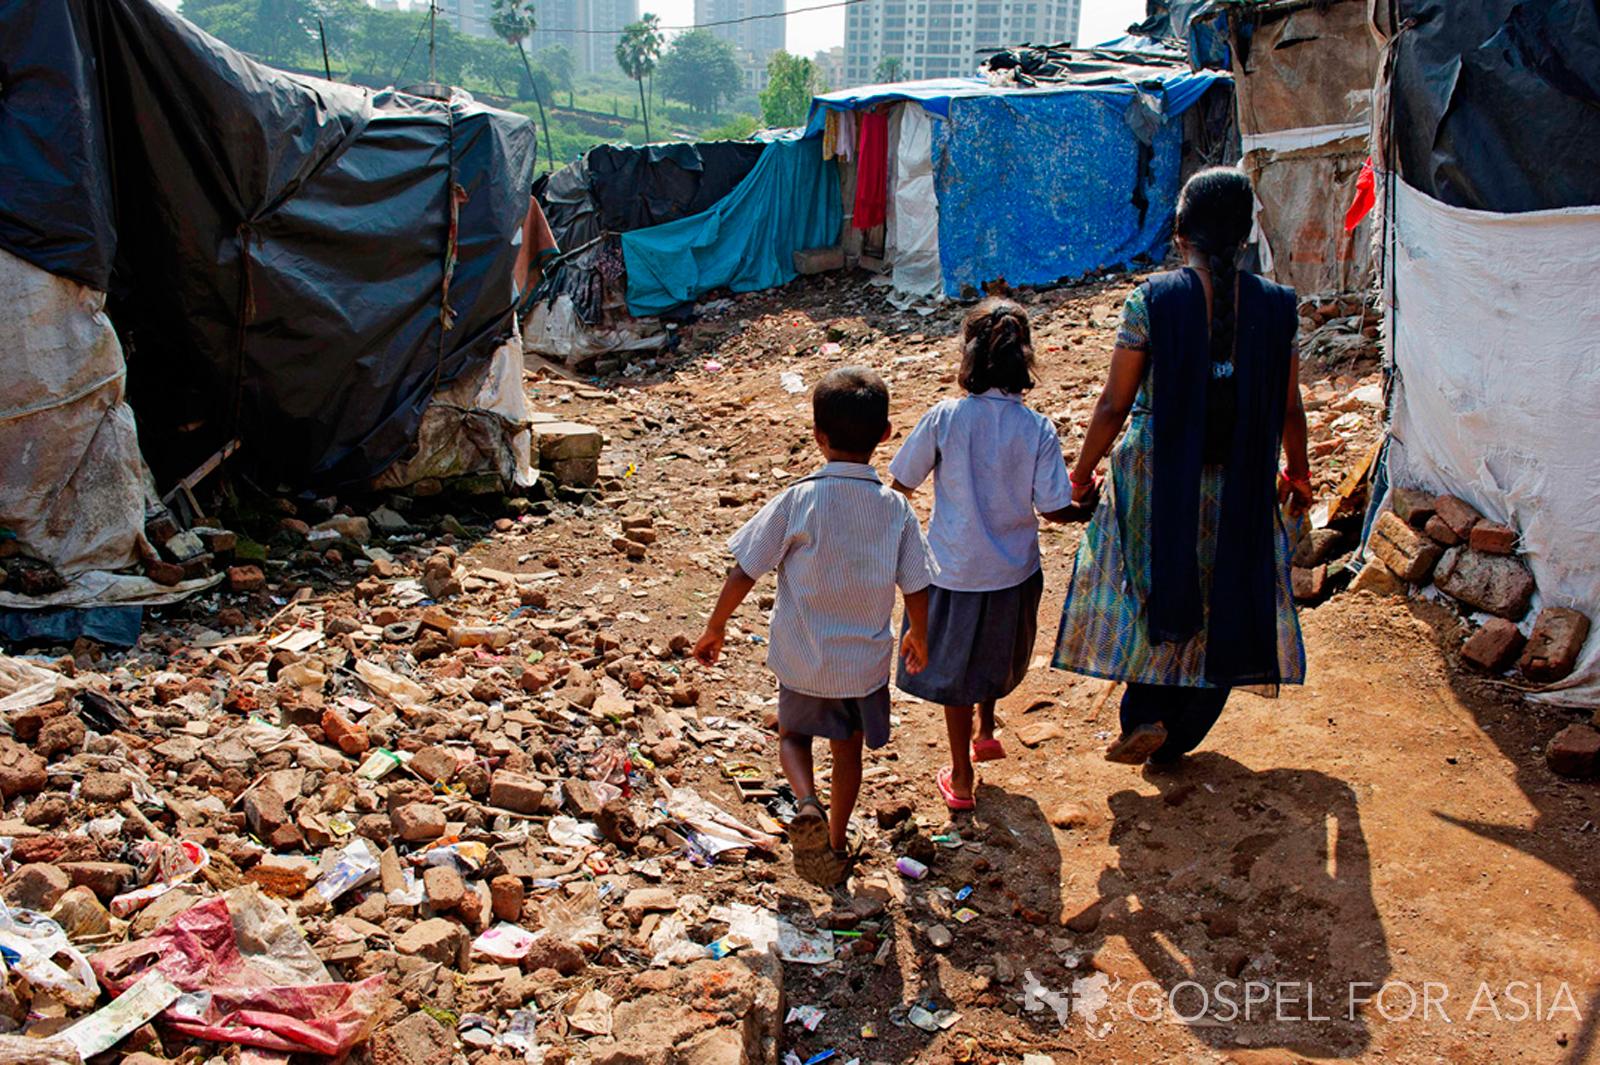 Pastor brings hope to slums